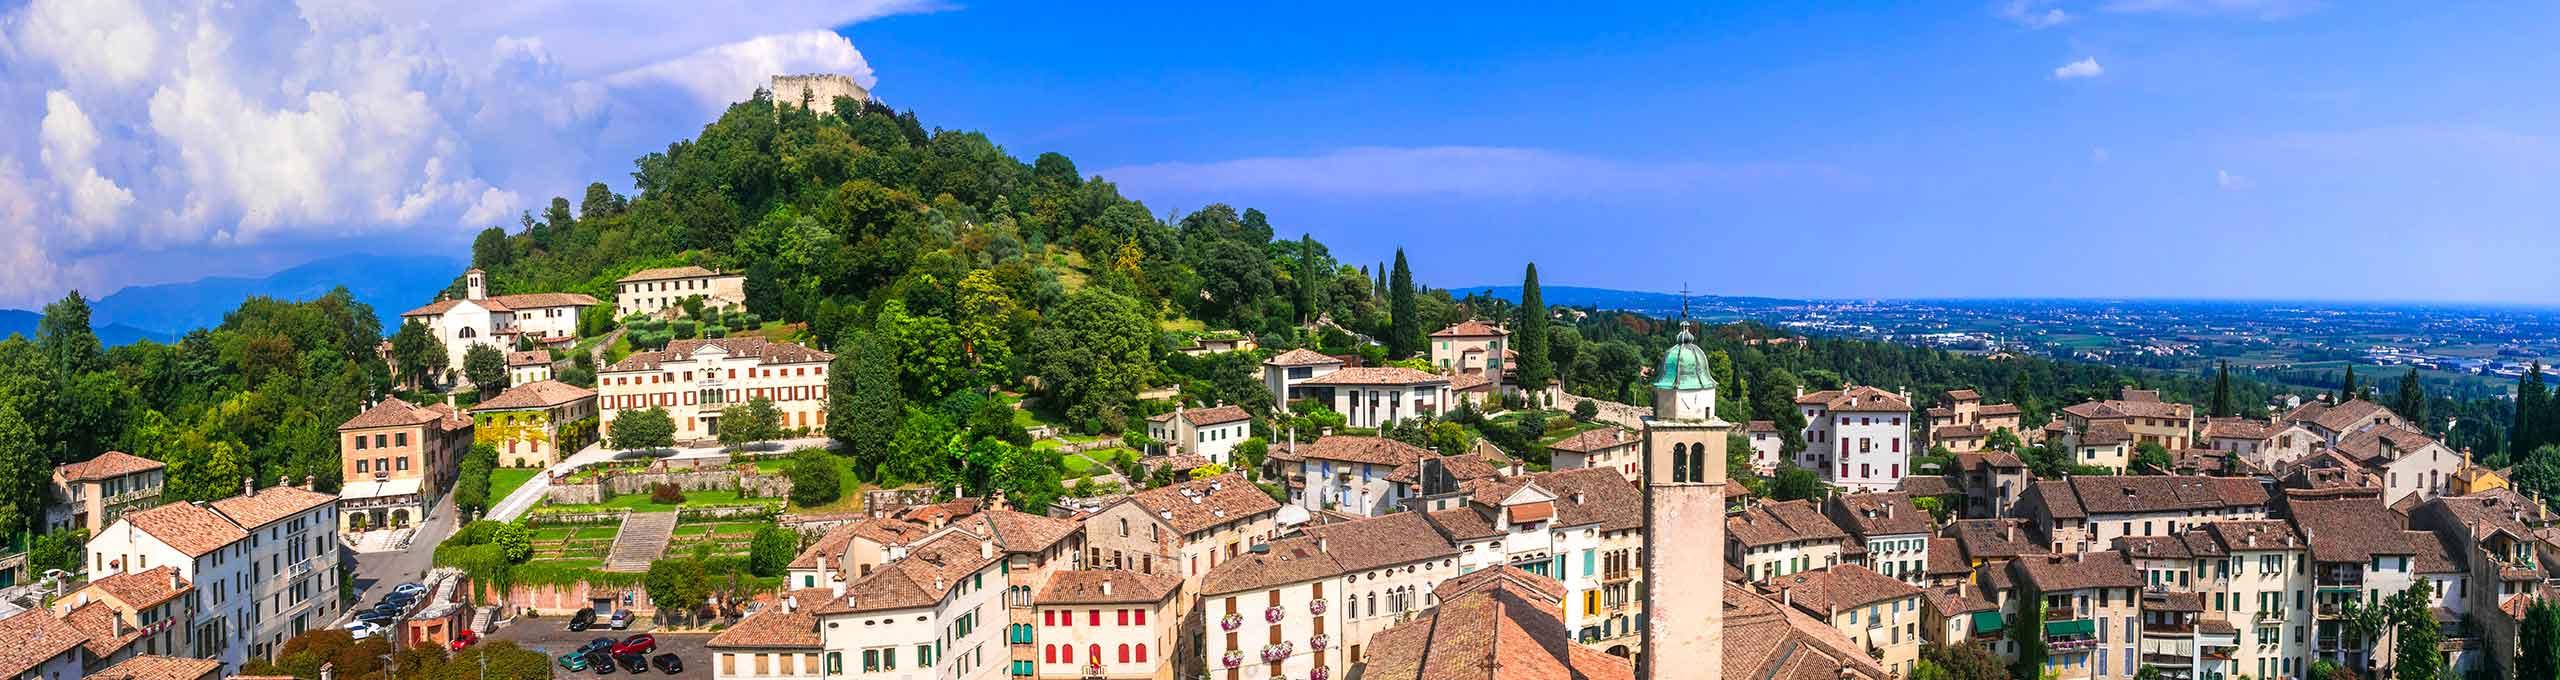 Vista panoramica di Asolo, Treviso